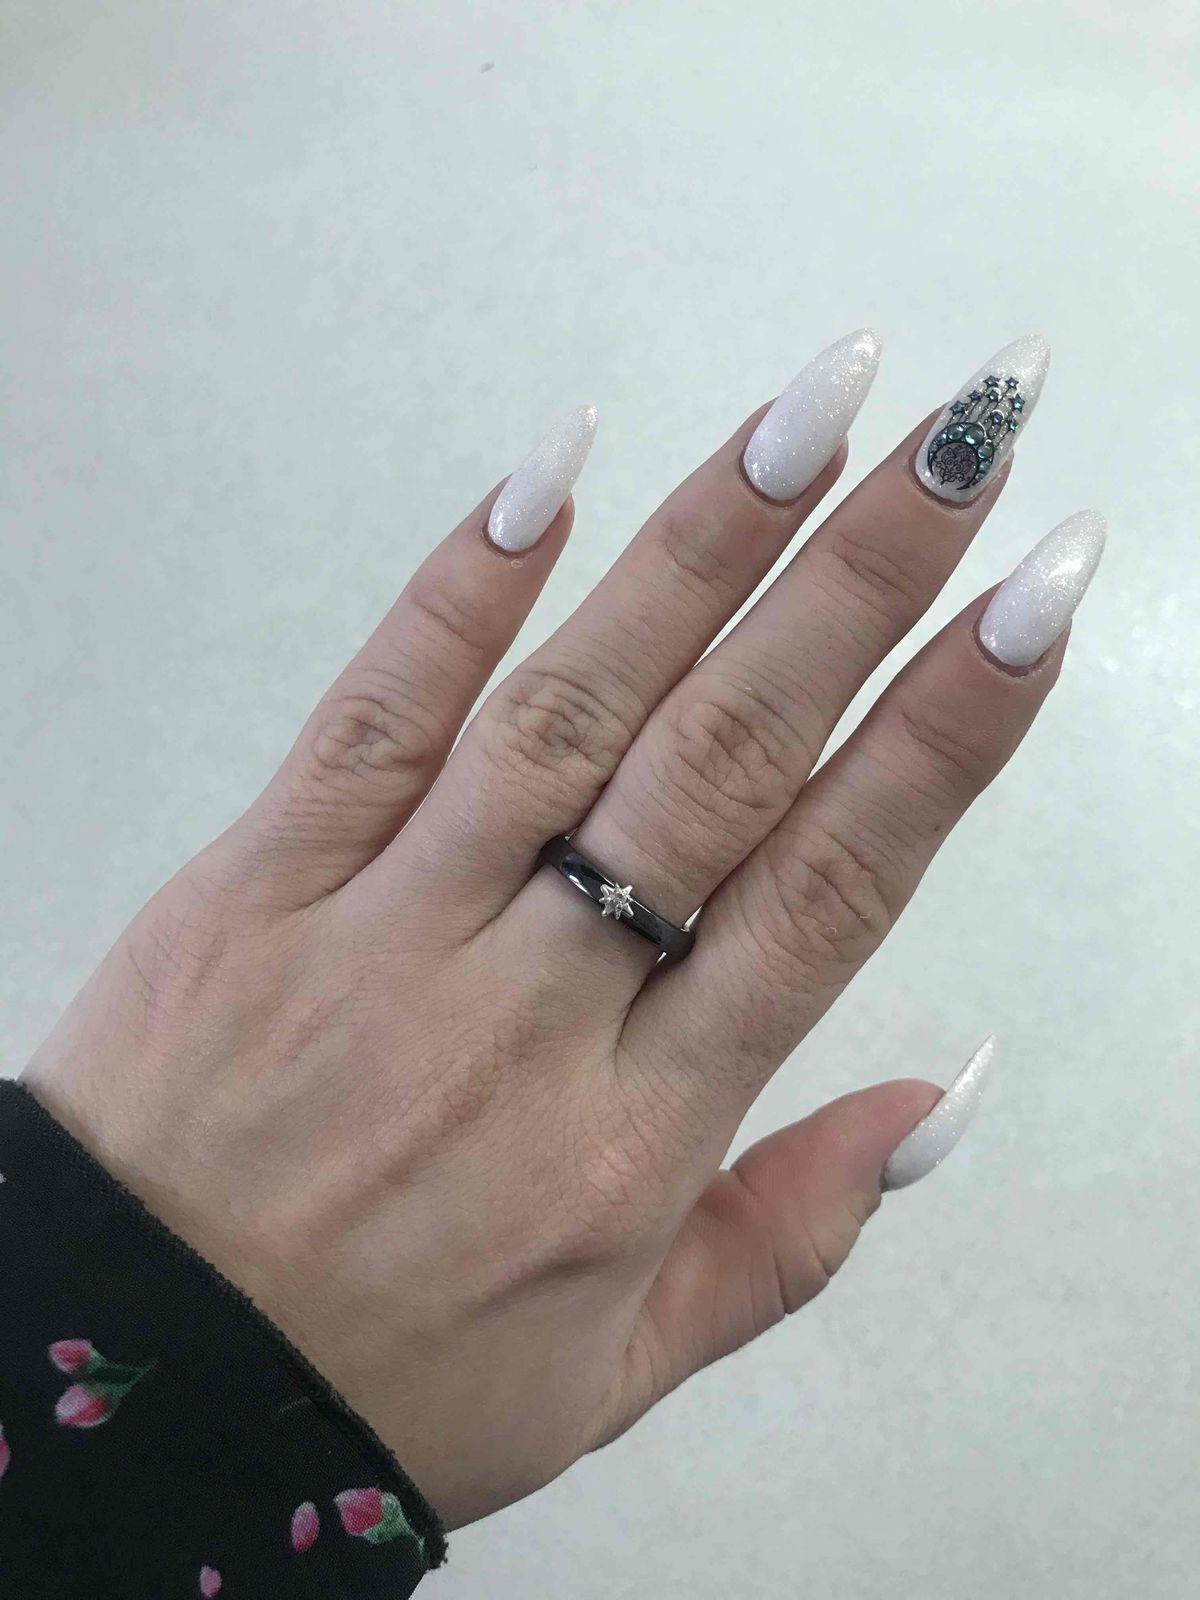 Хлрошее кольцо)